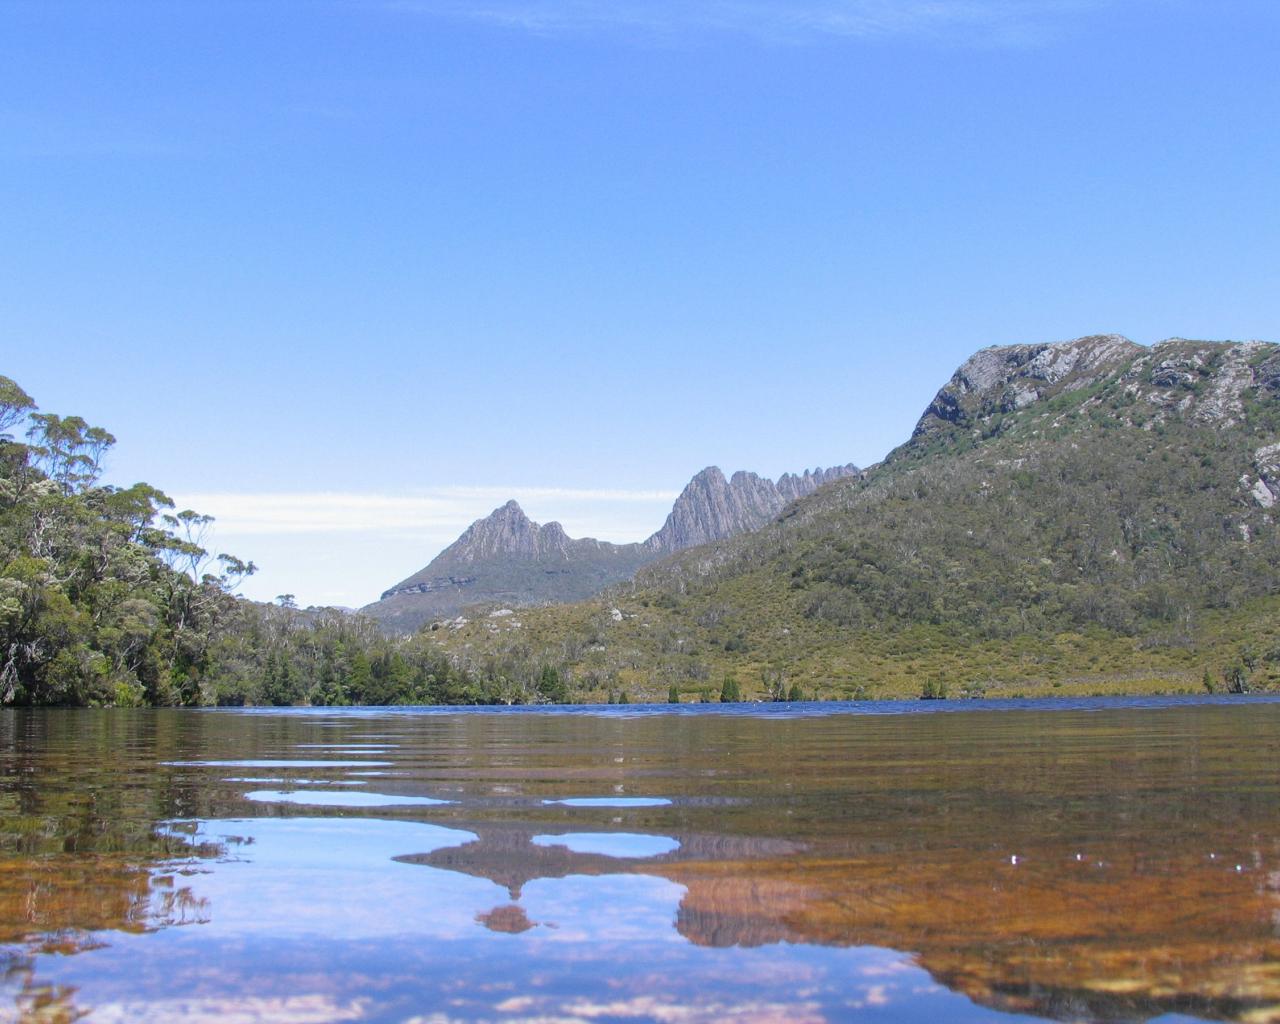 Free Download Tasmania Australia Hd Wallpapers 2880x1800 Hd